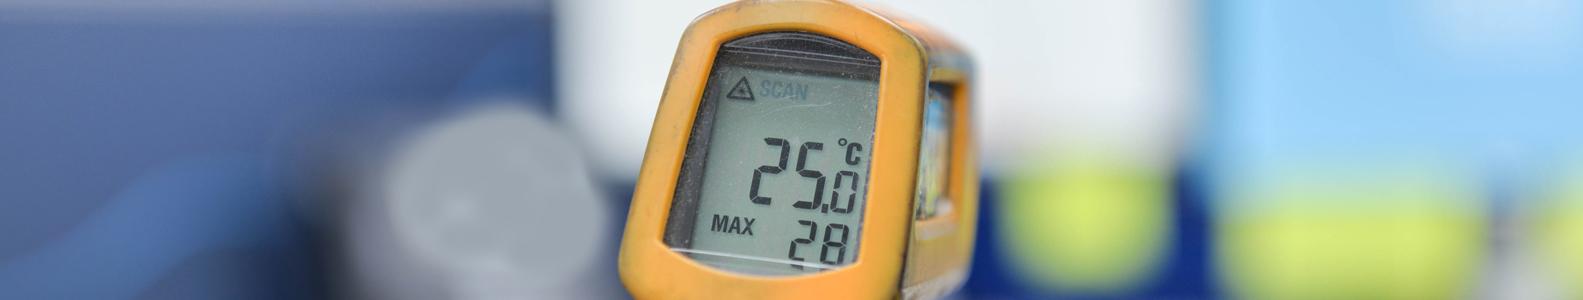 Temperatūros matavimo prietaisai  Temperatūros matavimo prietaisai, skirti matuoti žmogaus kūno, oro, maisto, skysčių temperatūrą